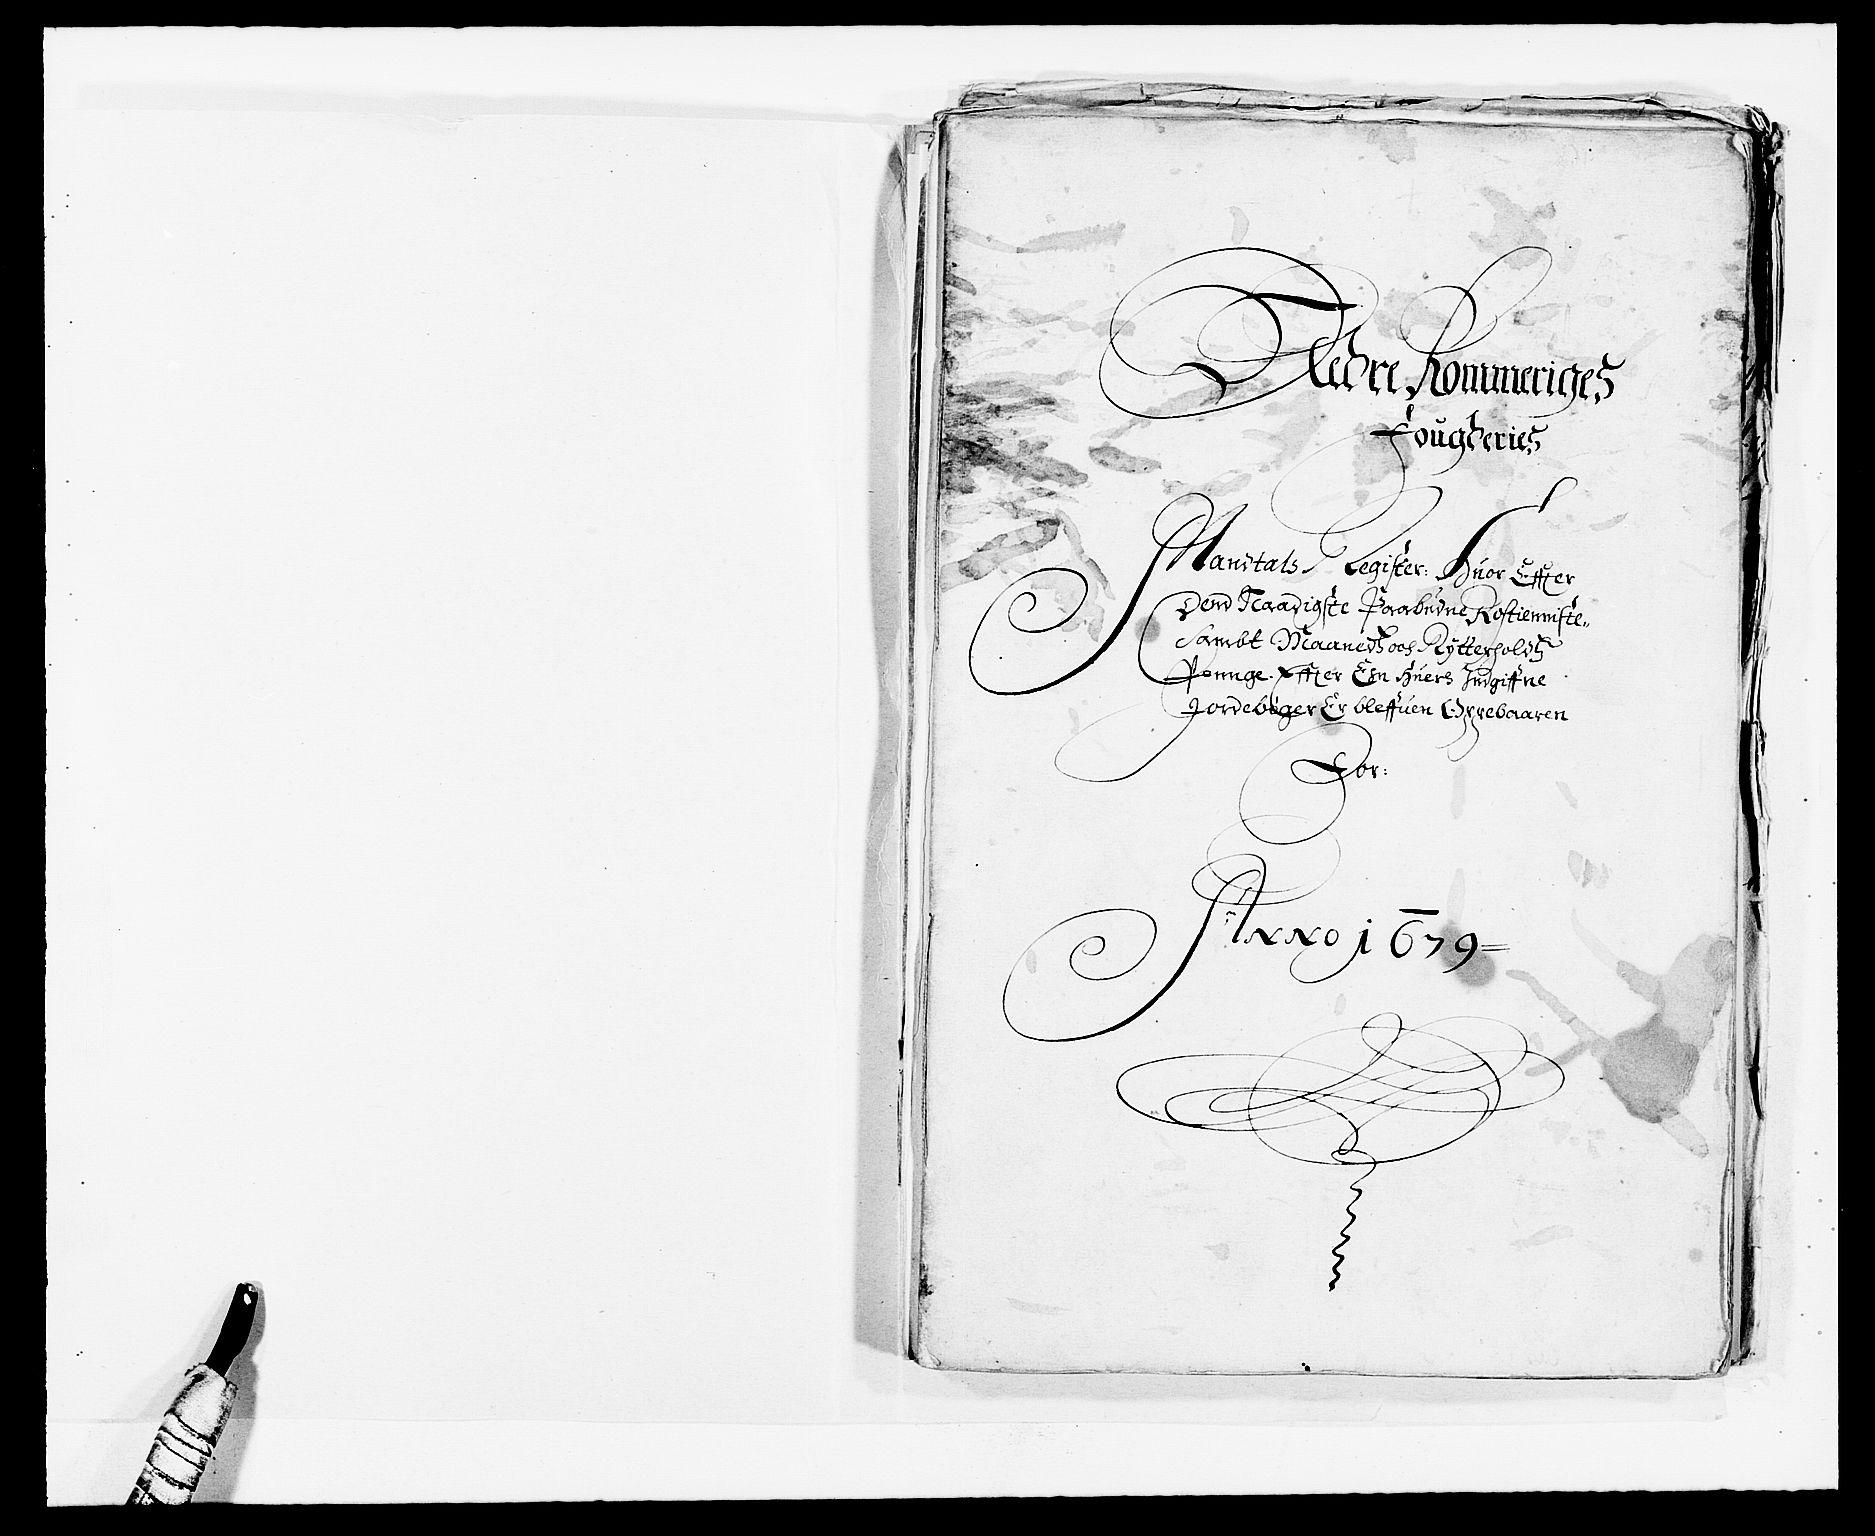 RA, Rentekammeret inntil 1814, Reviderte regnskaper, Fogderegnskap, R11/L0568: Fogderegnskap Nedre Romerike, 1679, s. 205